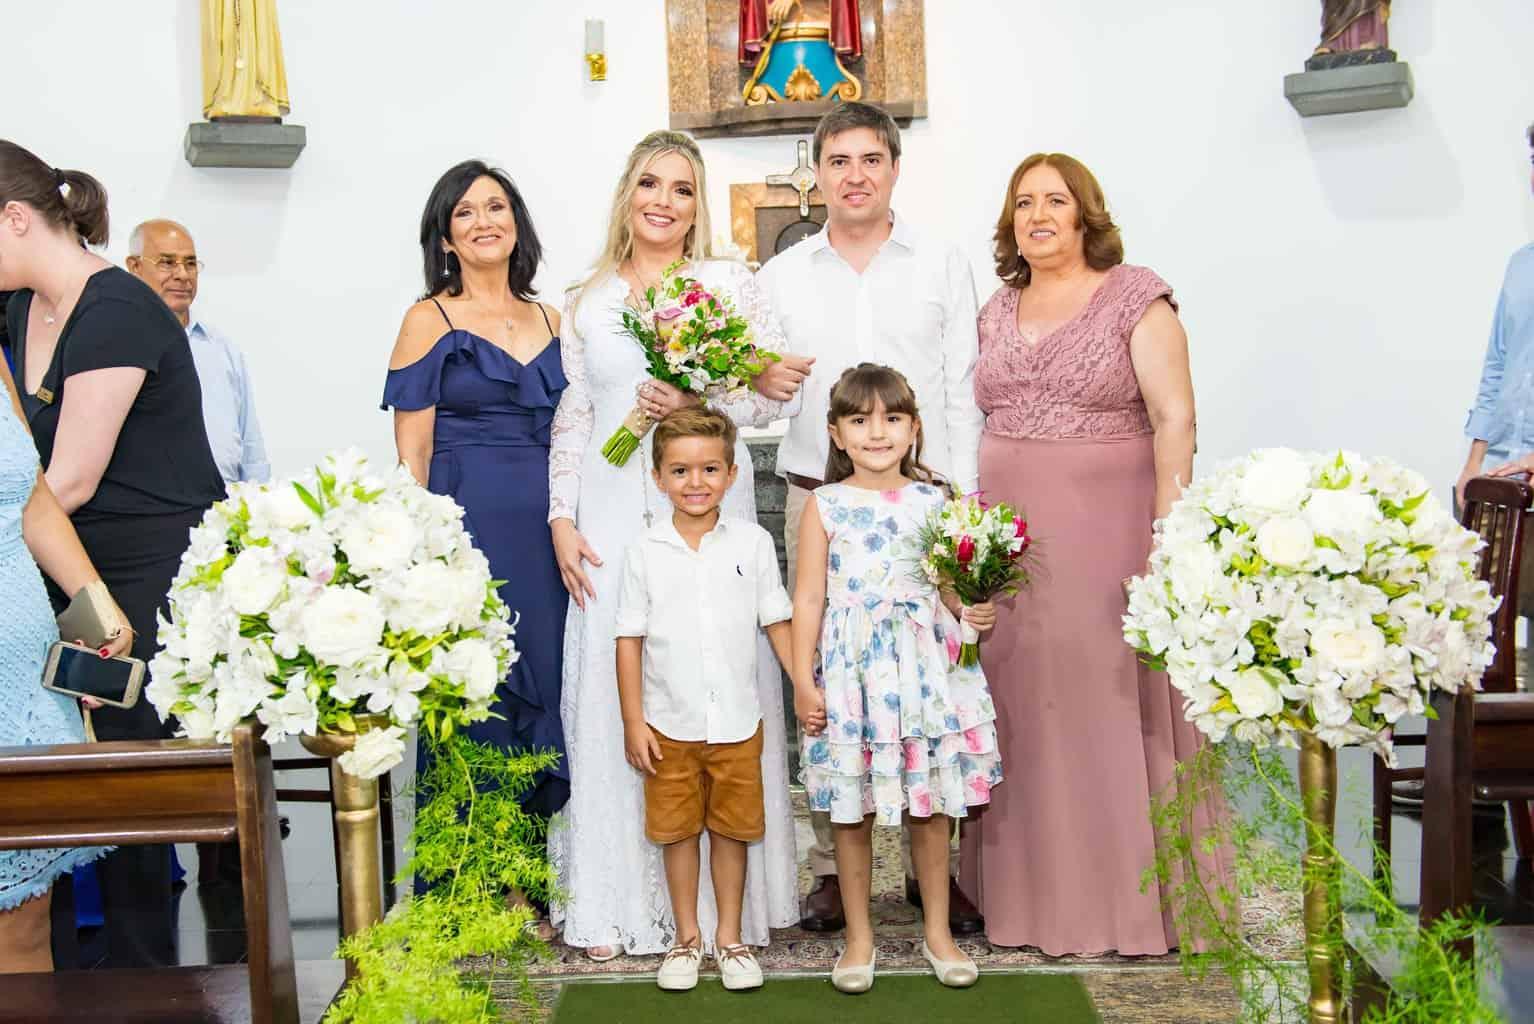 Capela-Santo-Cristo-dos-Milagres-casamento-religioso-Casamento-Roberta-e-Angelo-Danielle-Loureiro6